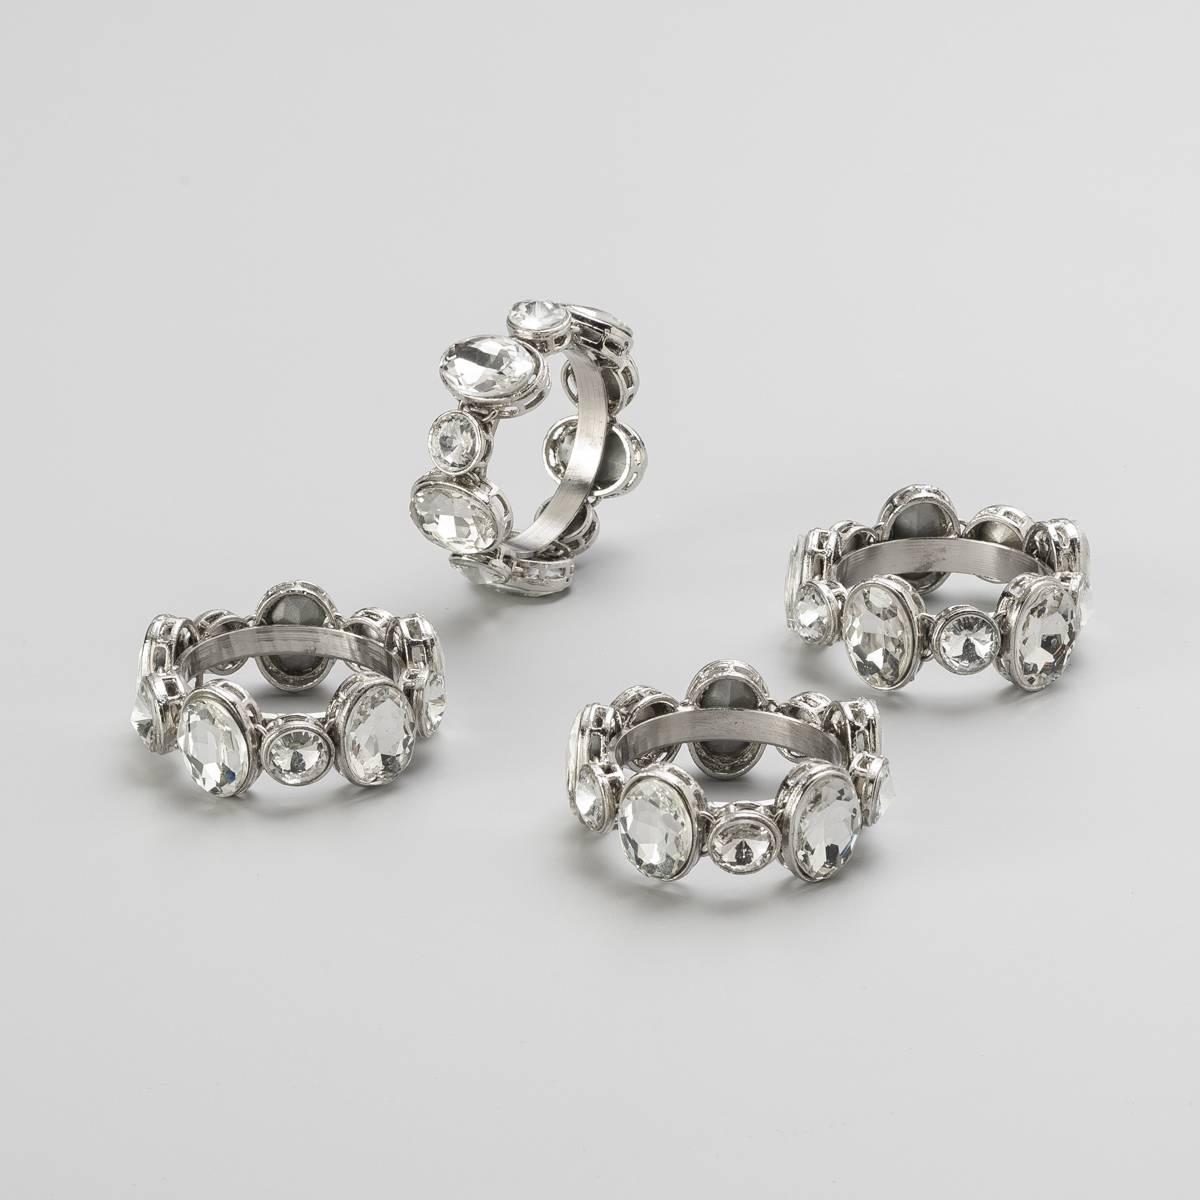 Anéis Porta Guardanapo Luxe em Prata c/ Pedras - 4 Peças - Wolff - Delhi